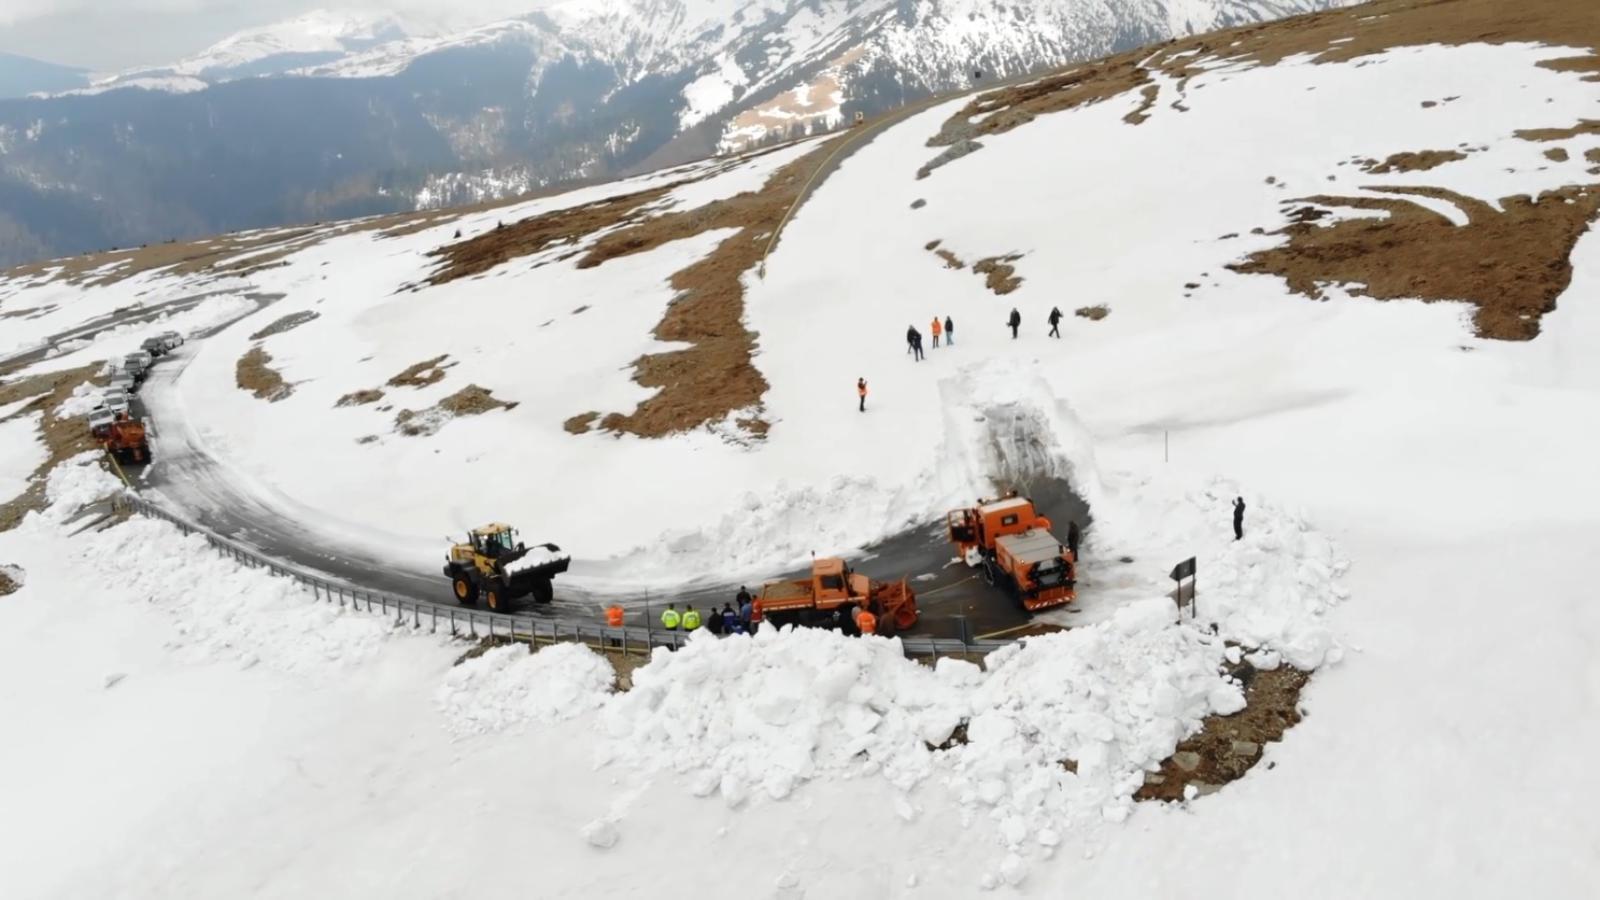 Este inca iarna pe Transalpina. Cand s-ar putea deschide cea mai inalta sosea din Romania